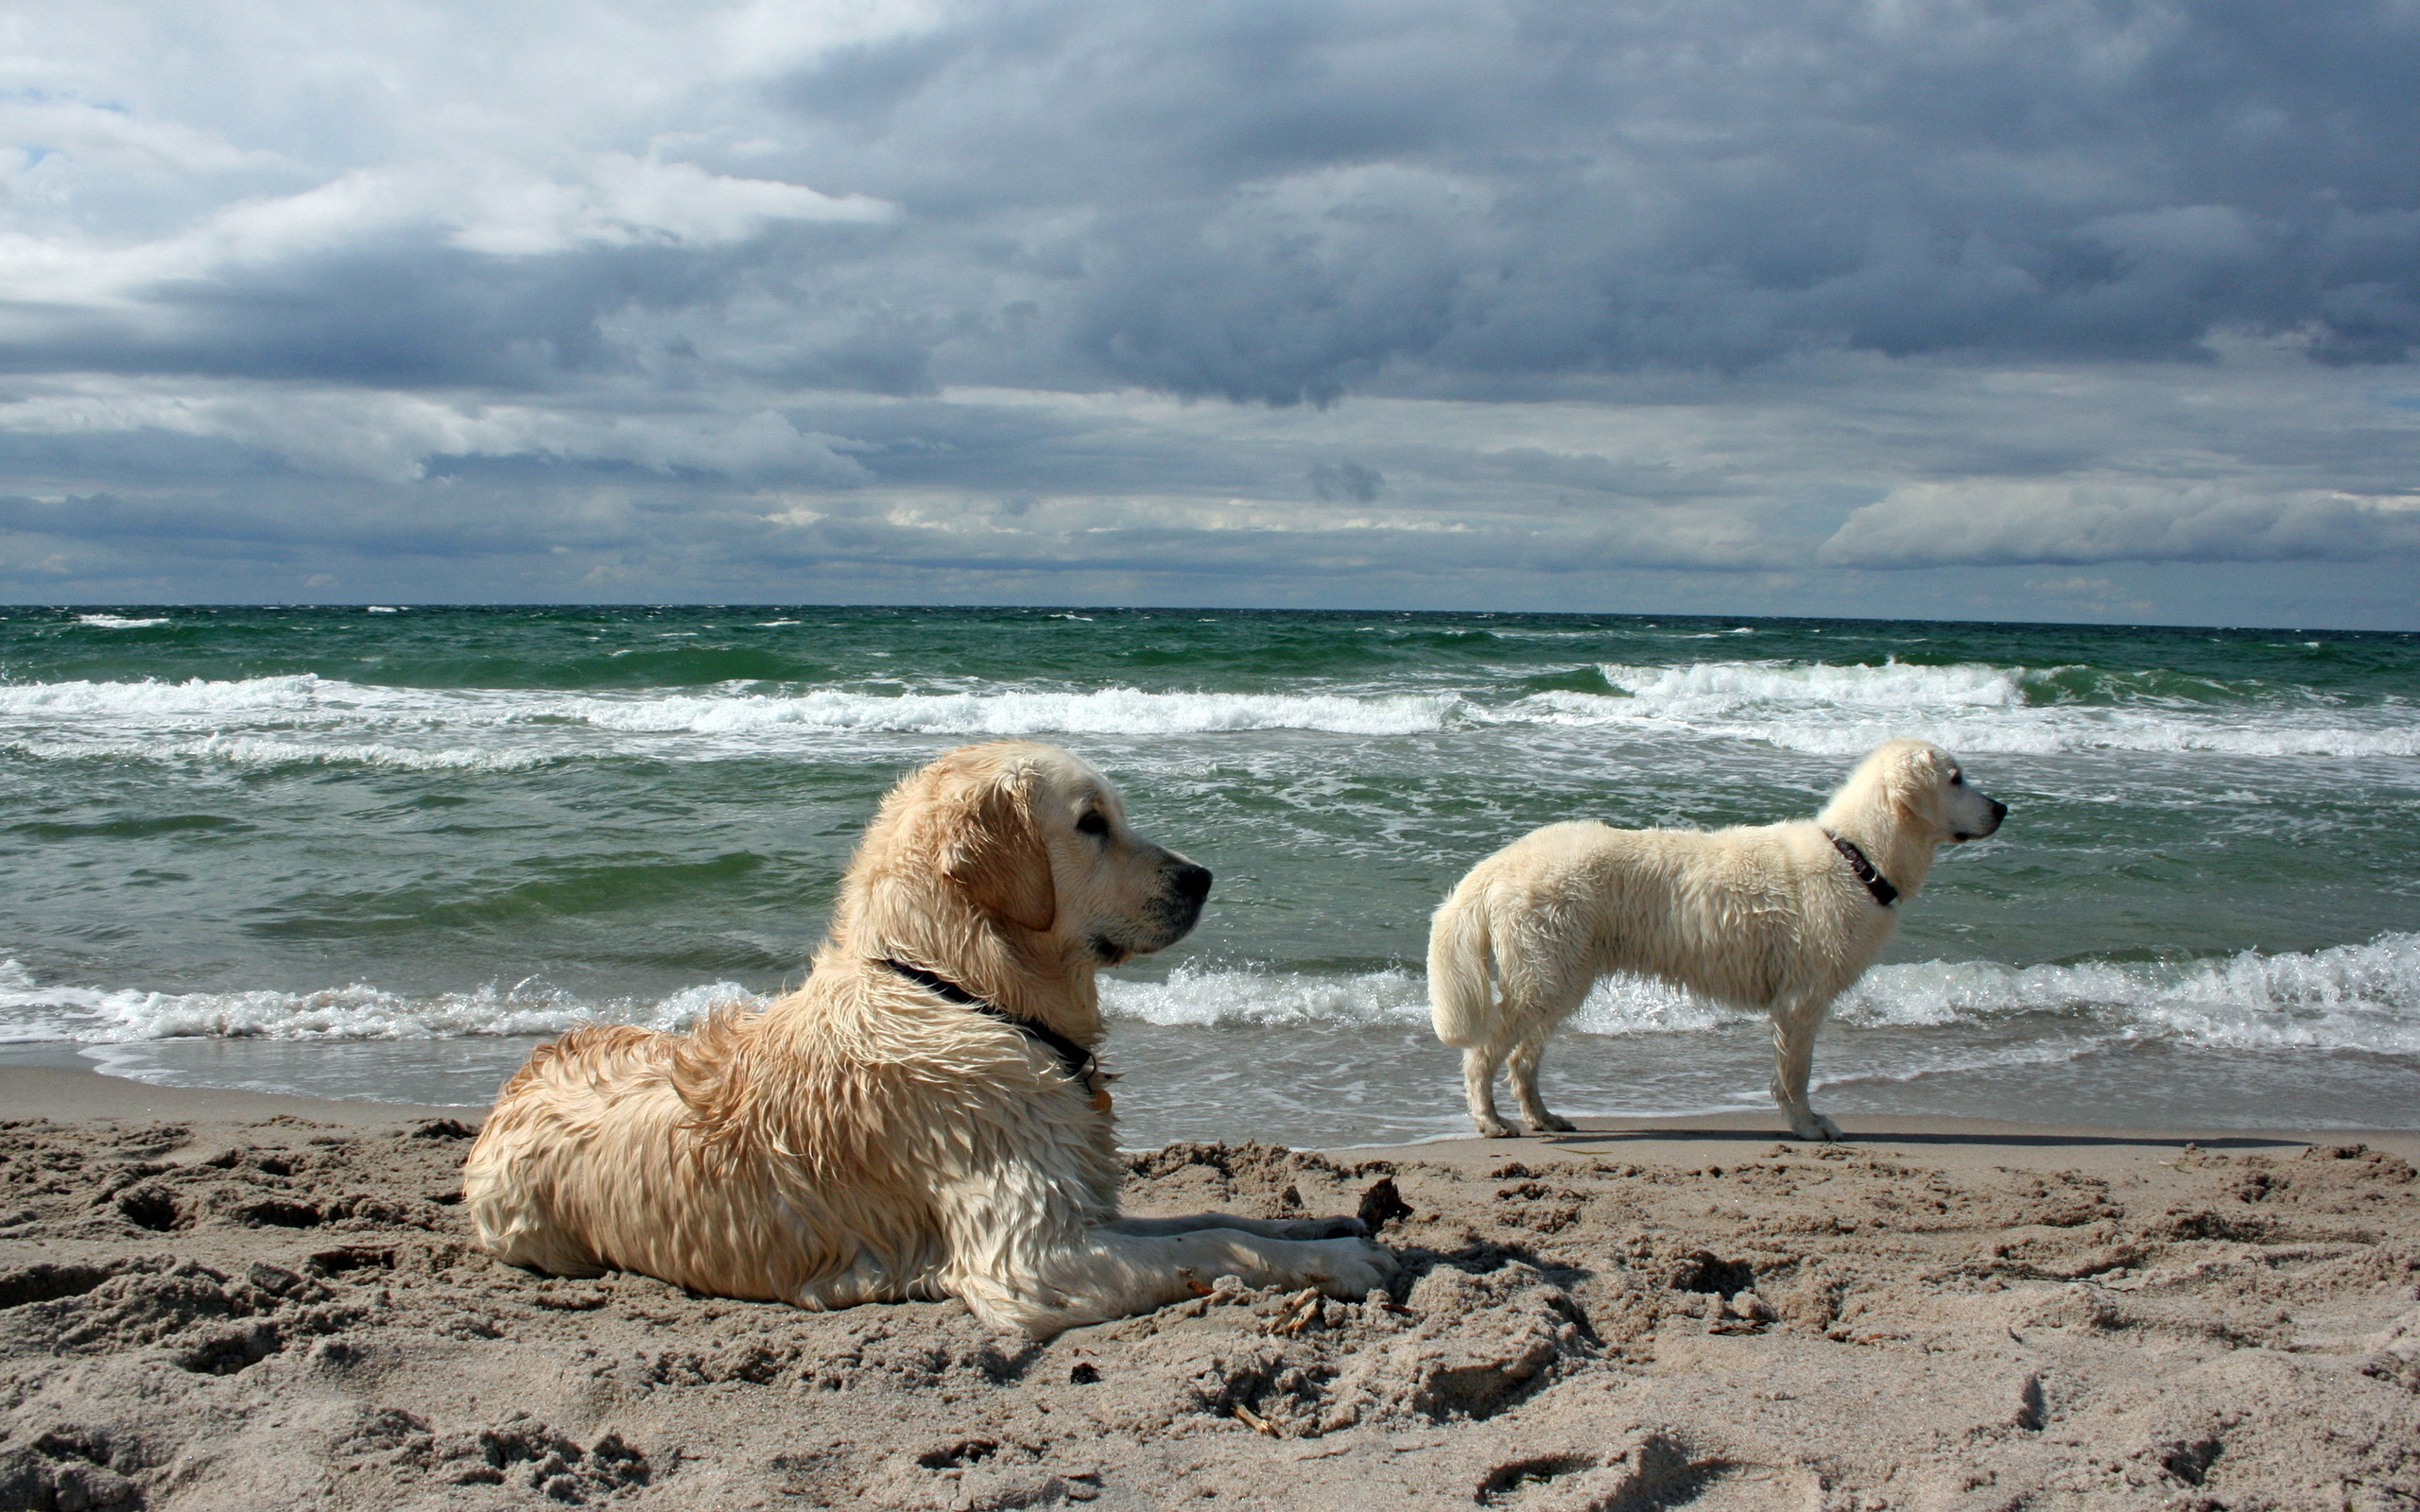 собака пляж песок море спасательный круг загрузить